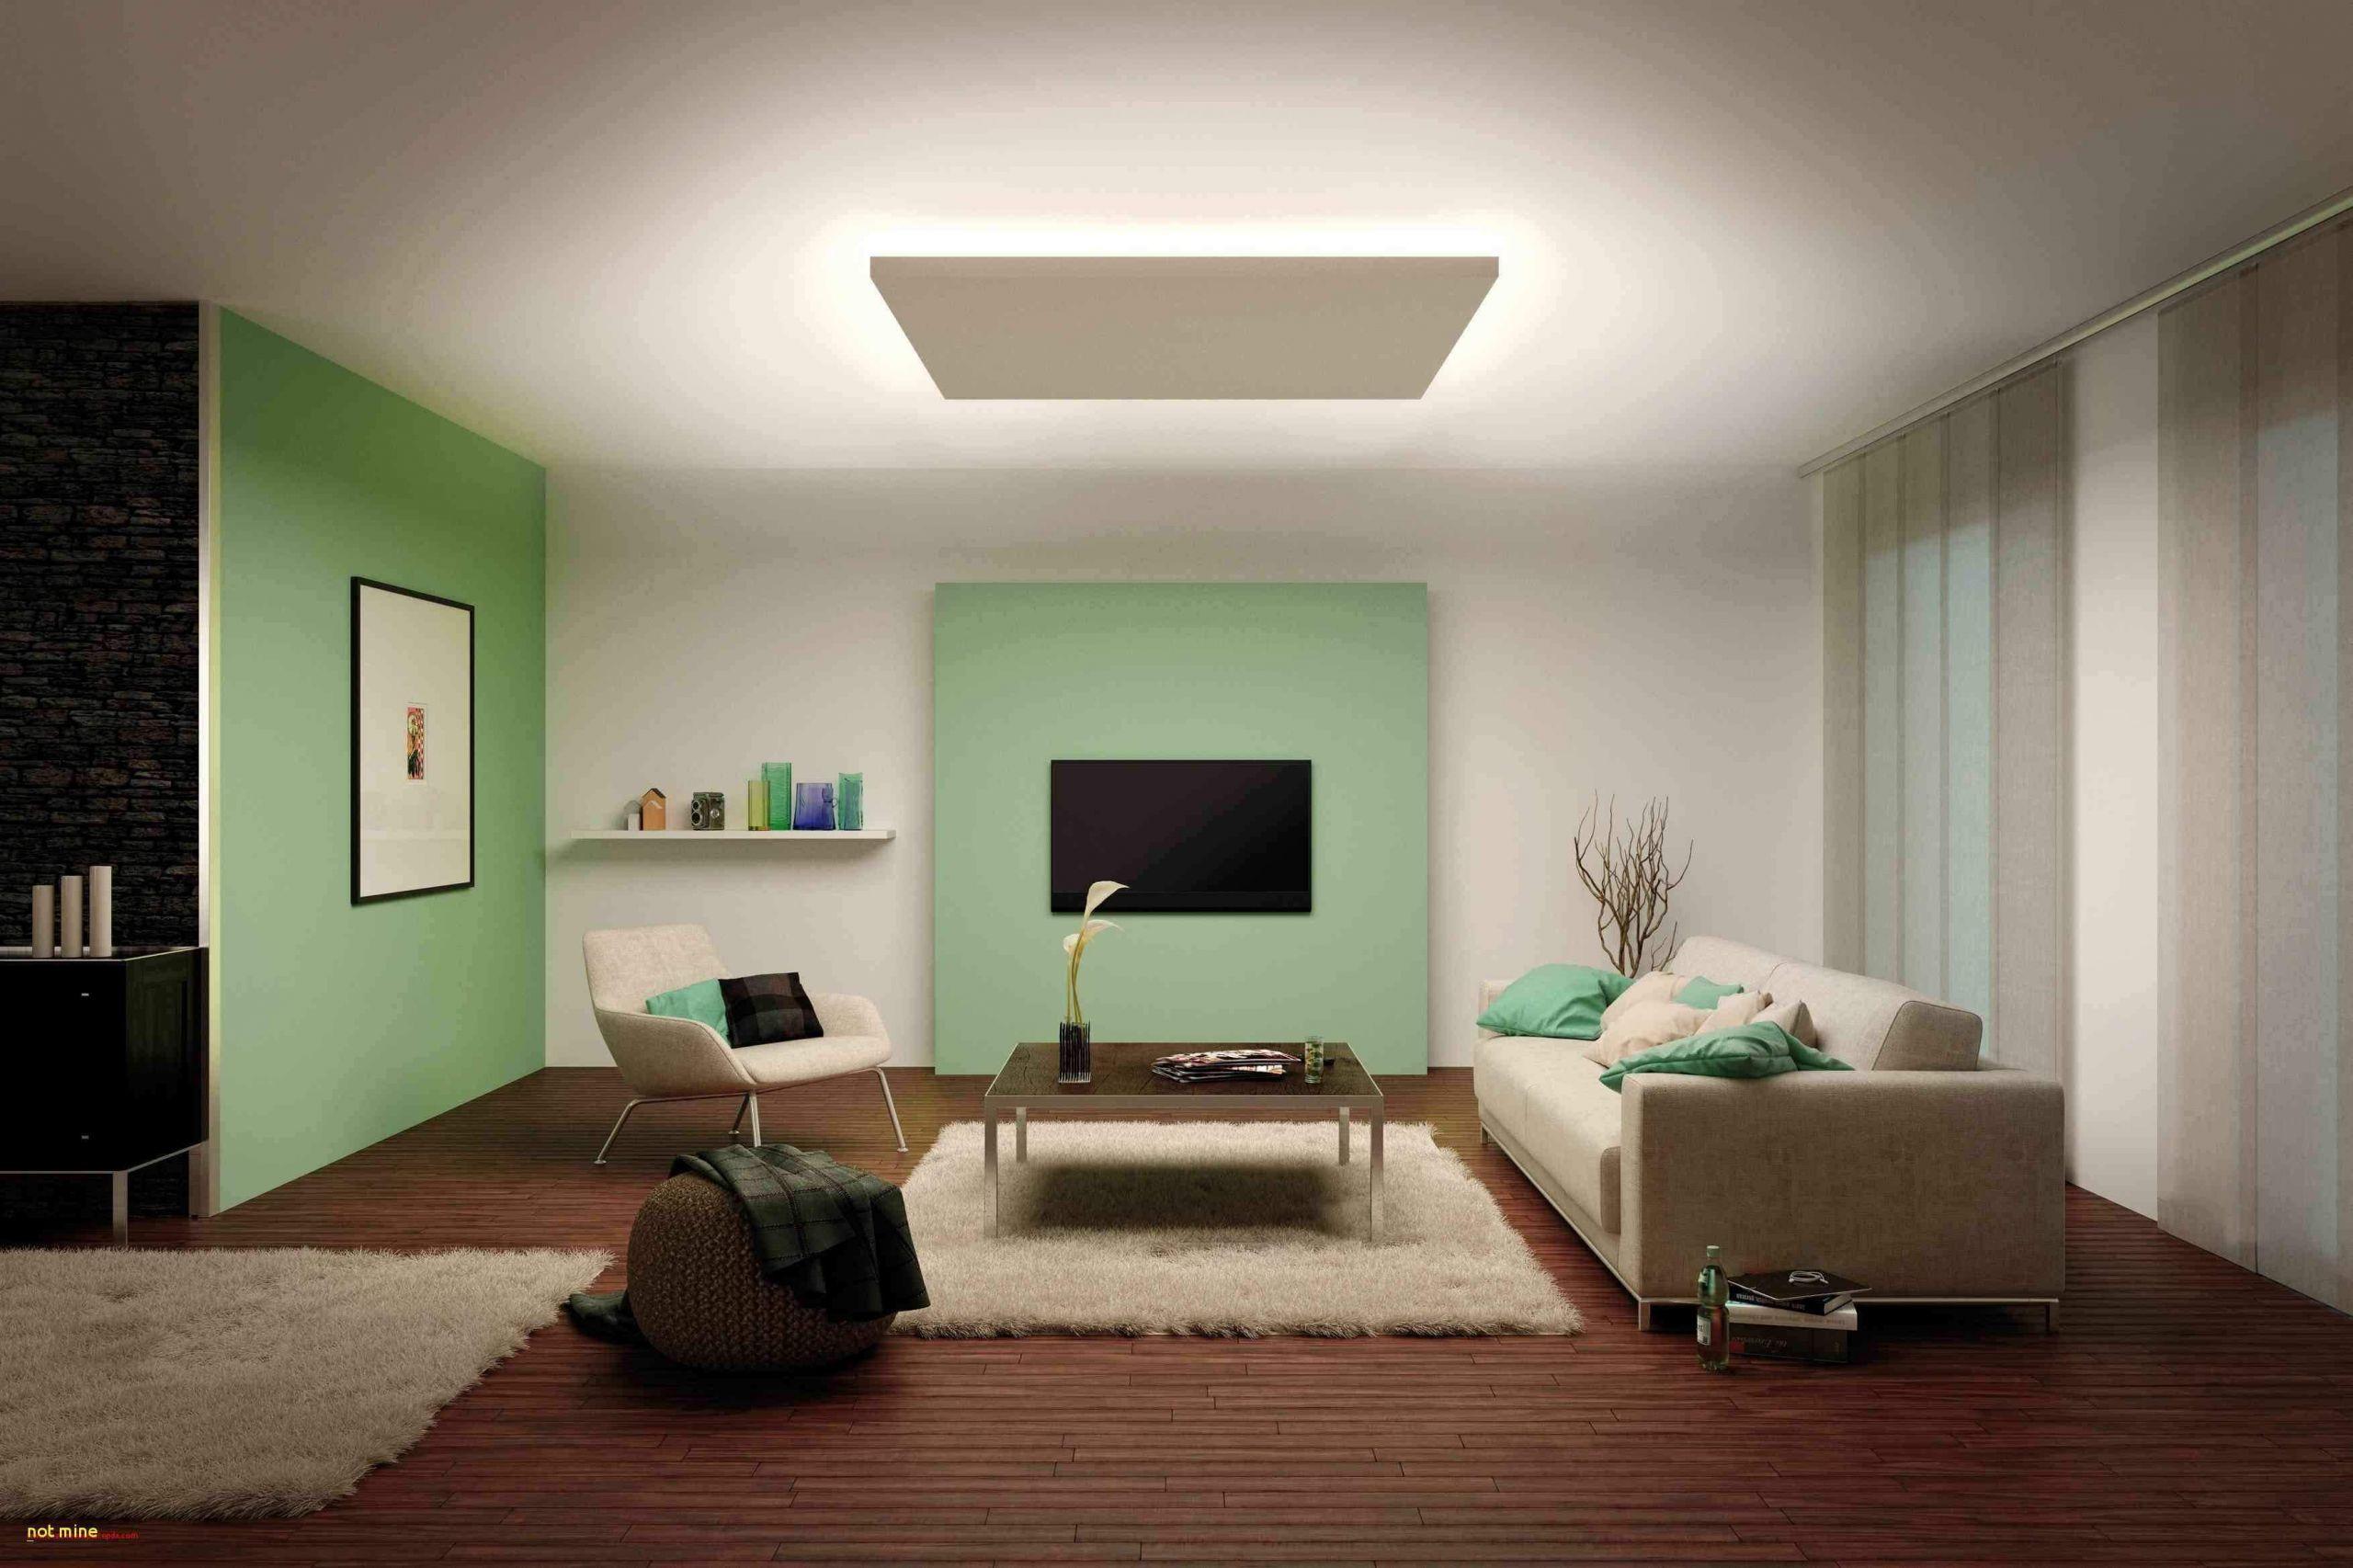 wohnzimmer landhausstil einzigartig wand licht dekoration fresh wohnzimmer licht 0d design ideen of wohnzimmer landhausstil